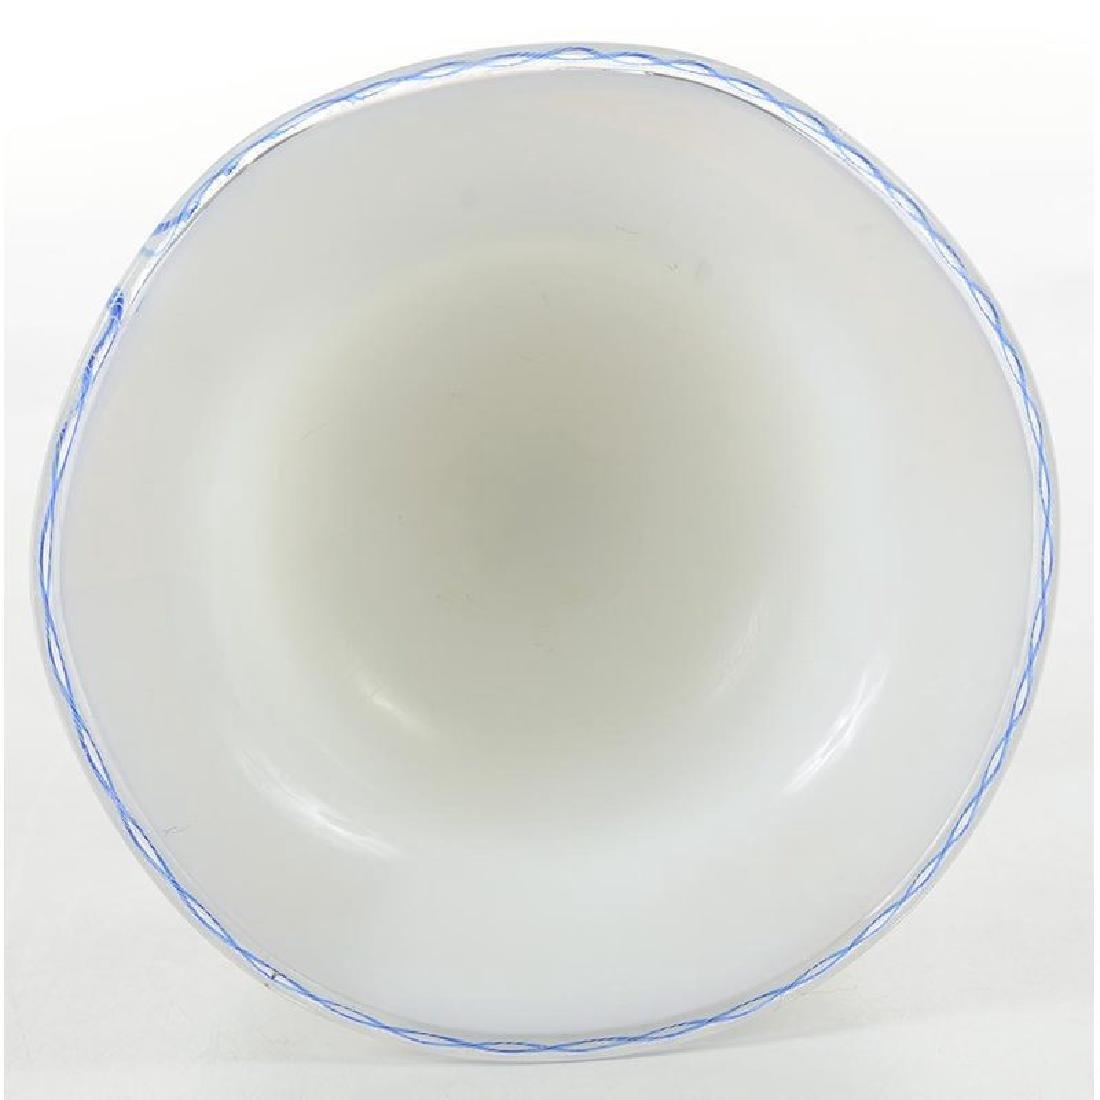 White Opalescent Glass Compote - 2